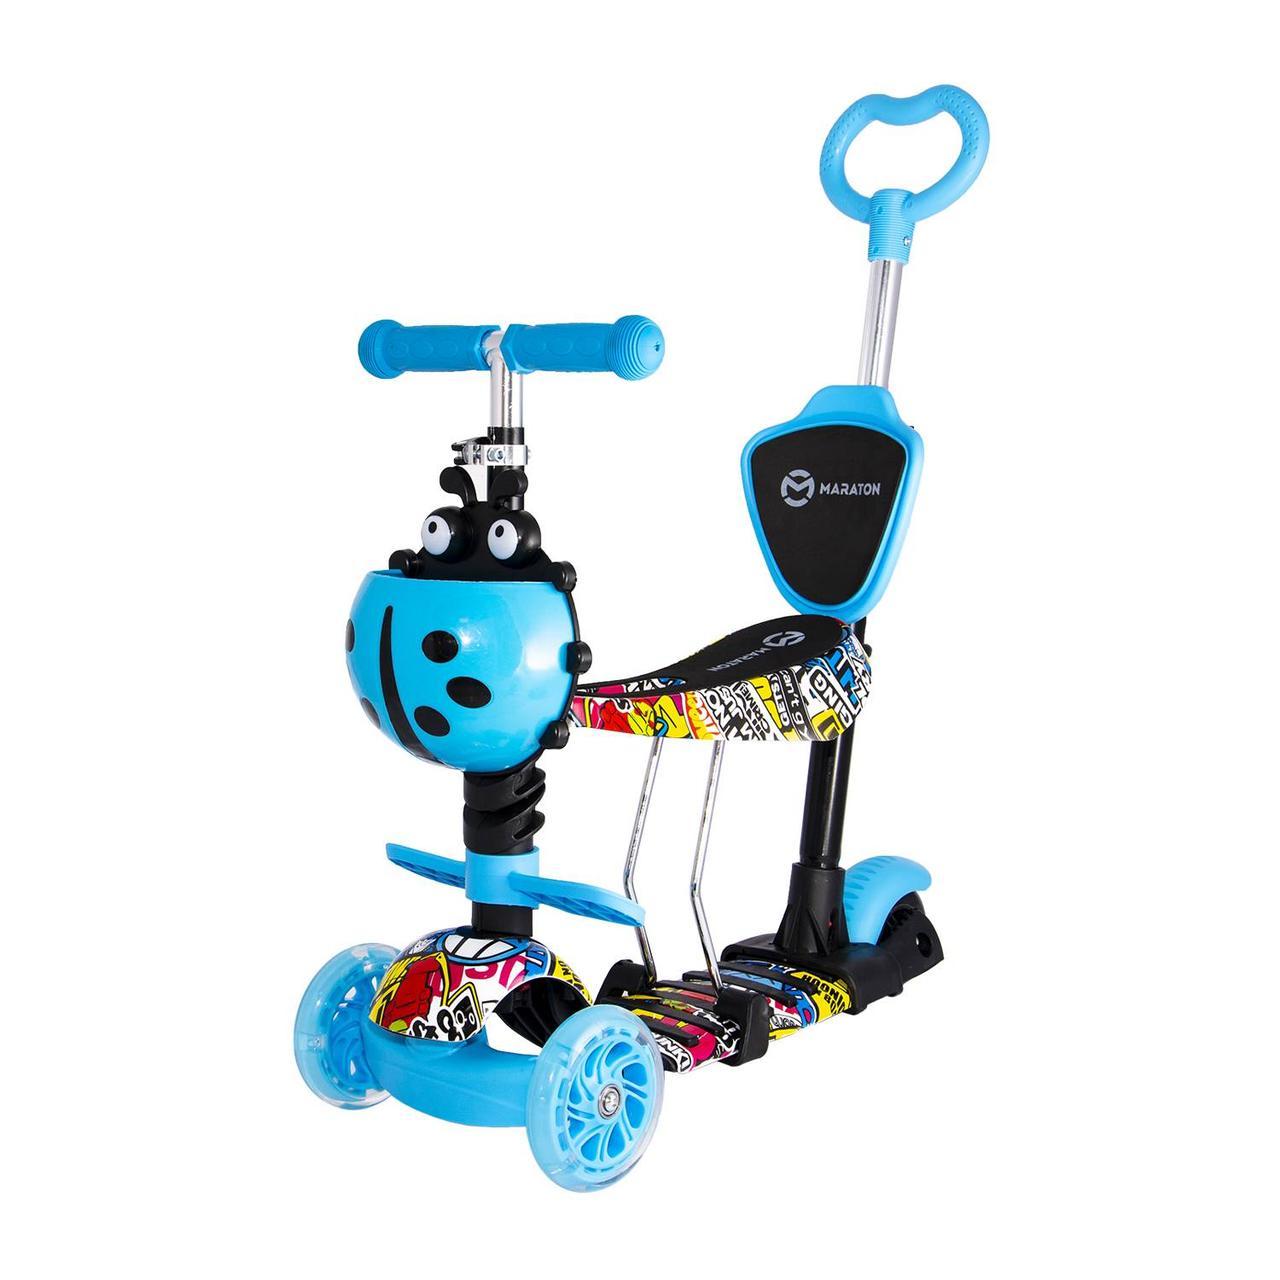 Детский самокат-беговел Maraton Fly трехколесный с корзиной и родительской ручкой (голубой Граффити)